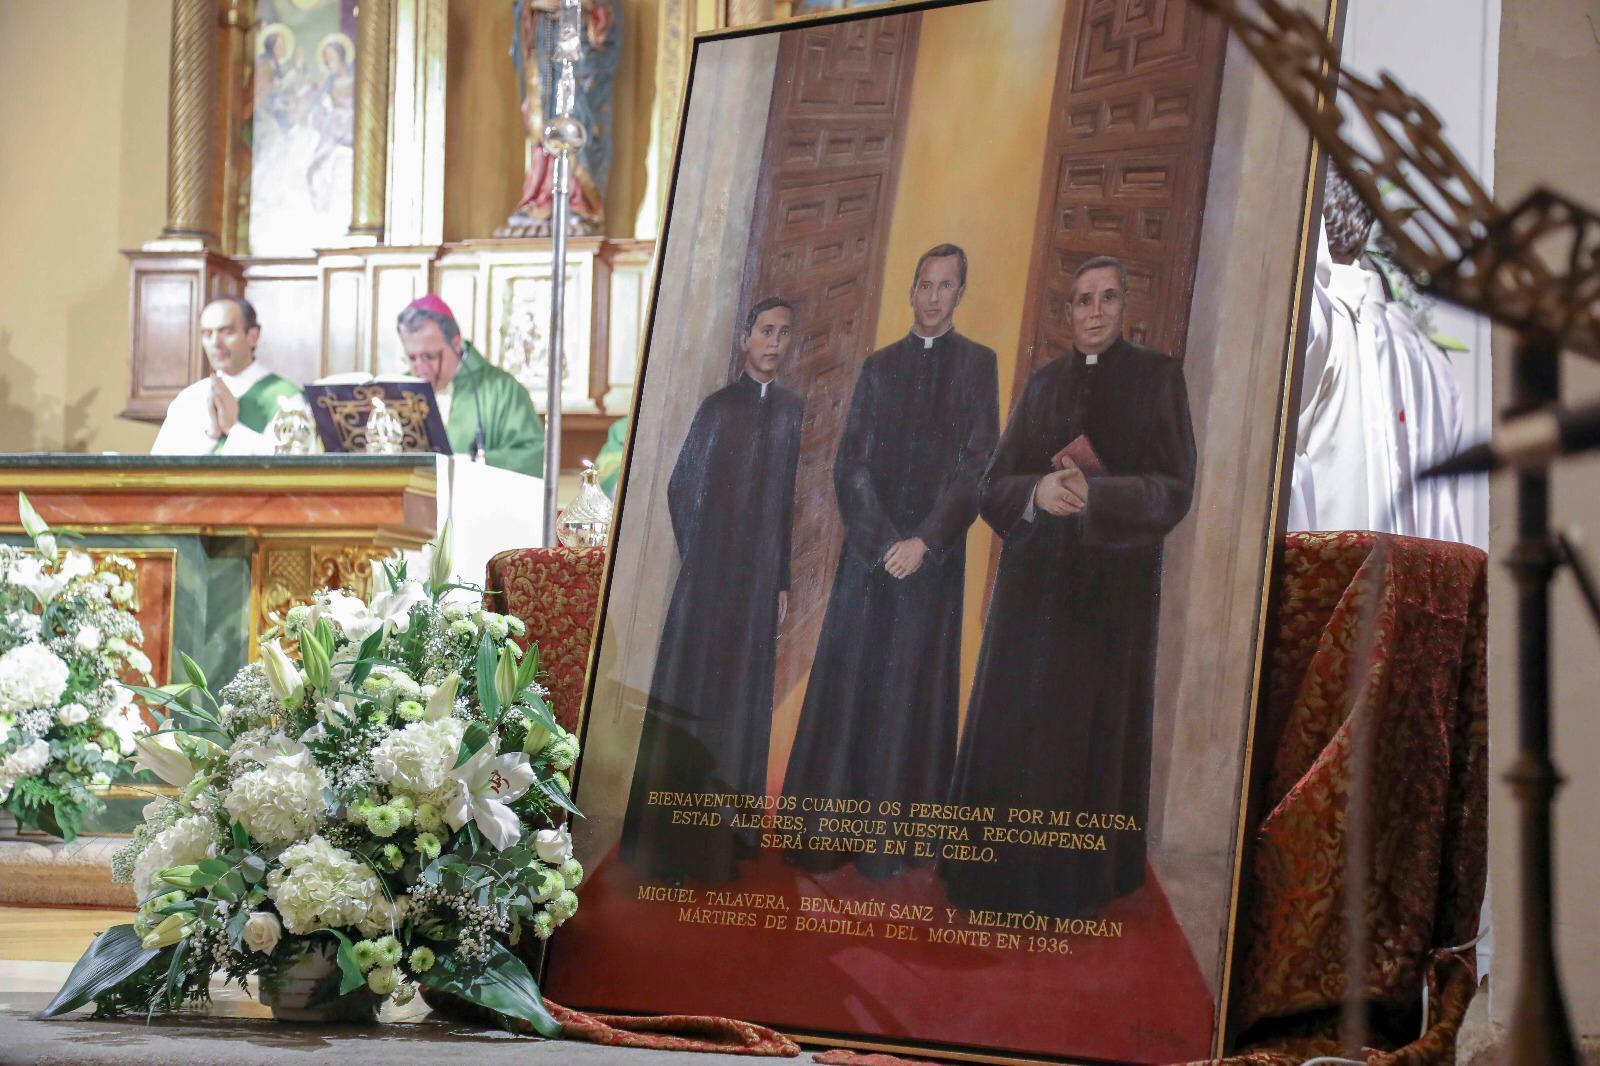 Parroquia De San Cristobal Boadilla Del Monte Madrid Diocesis De